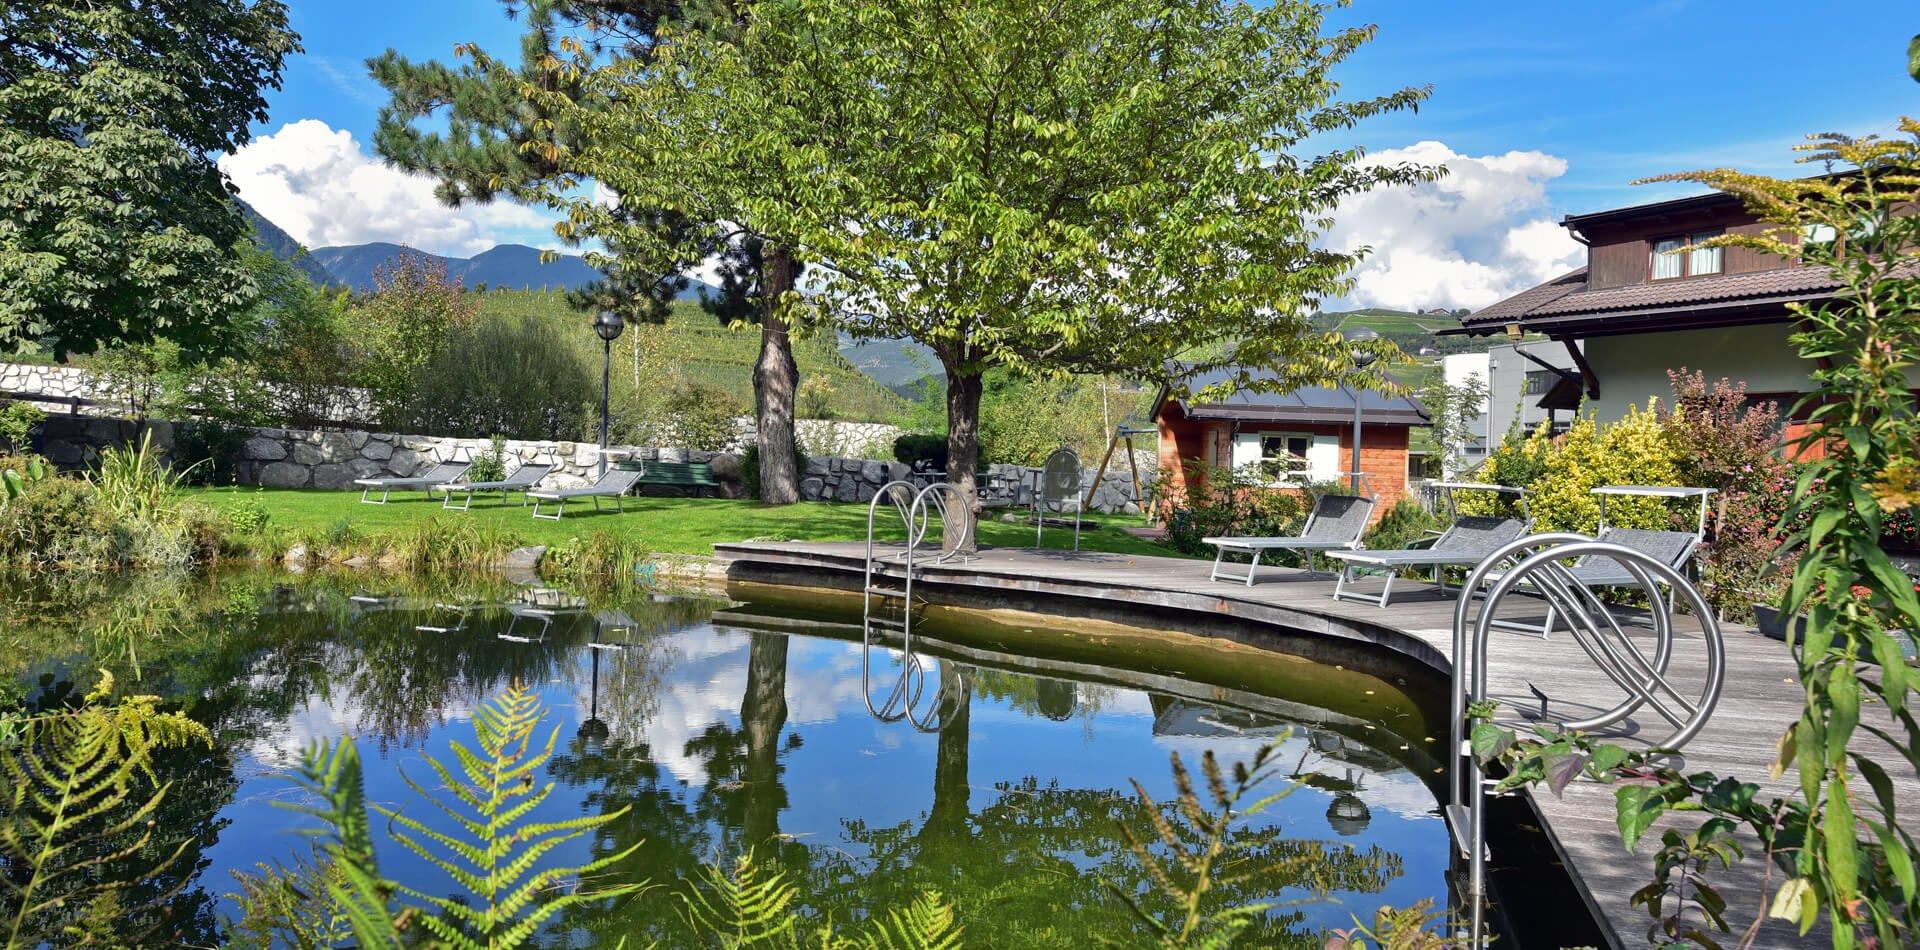 naturbadeteich-hotel-clara